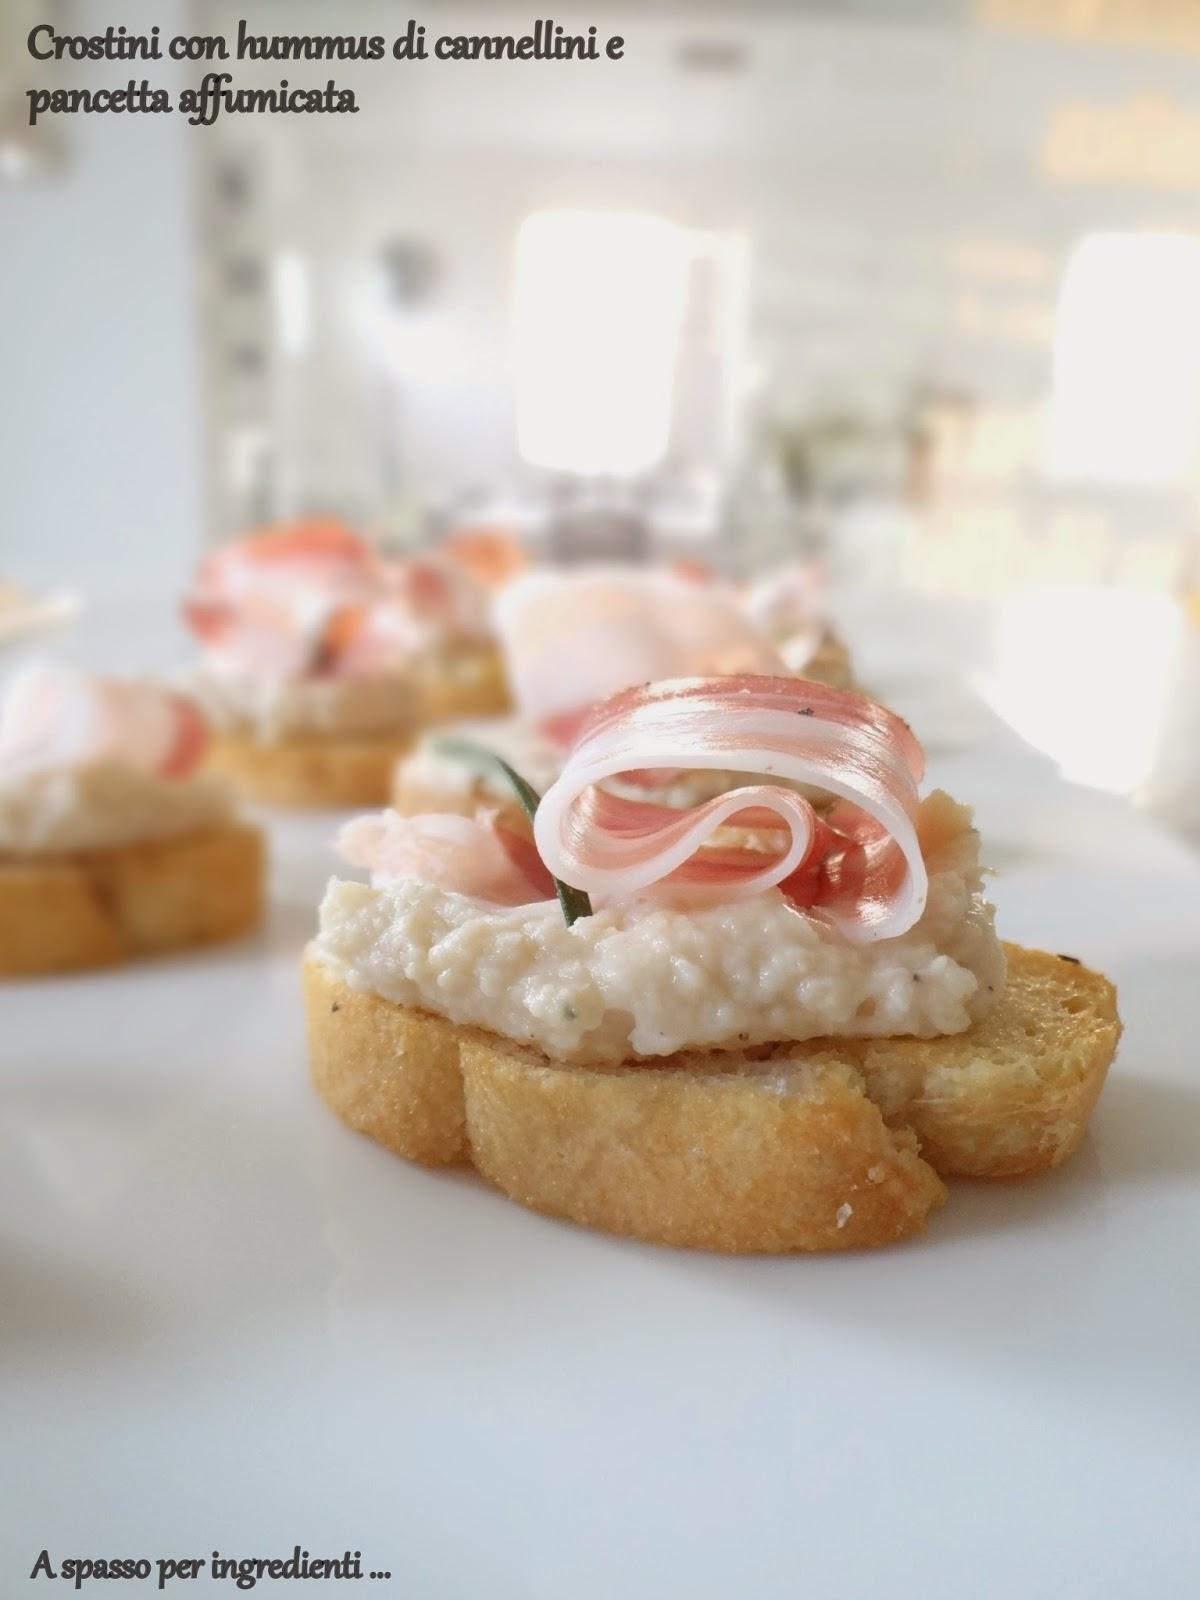 velocissimi: crostini con hummus di cannellini e pancetta affumicata